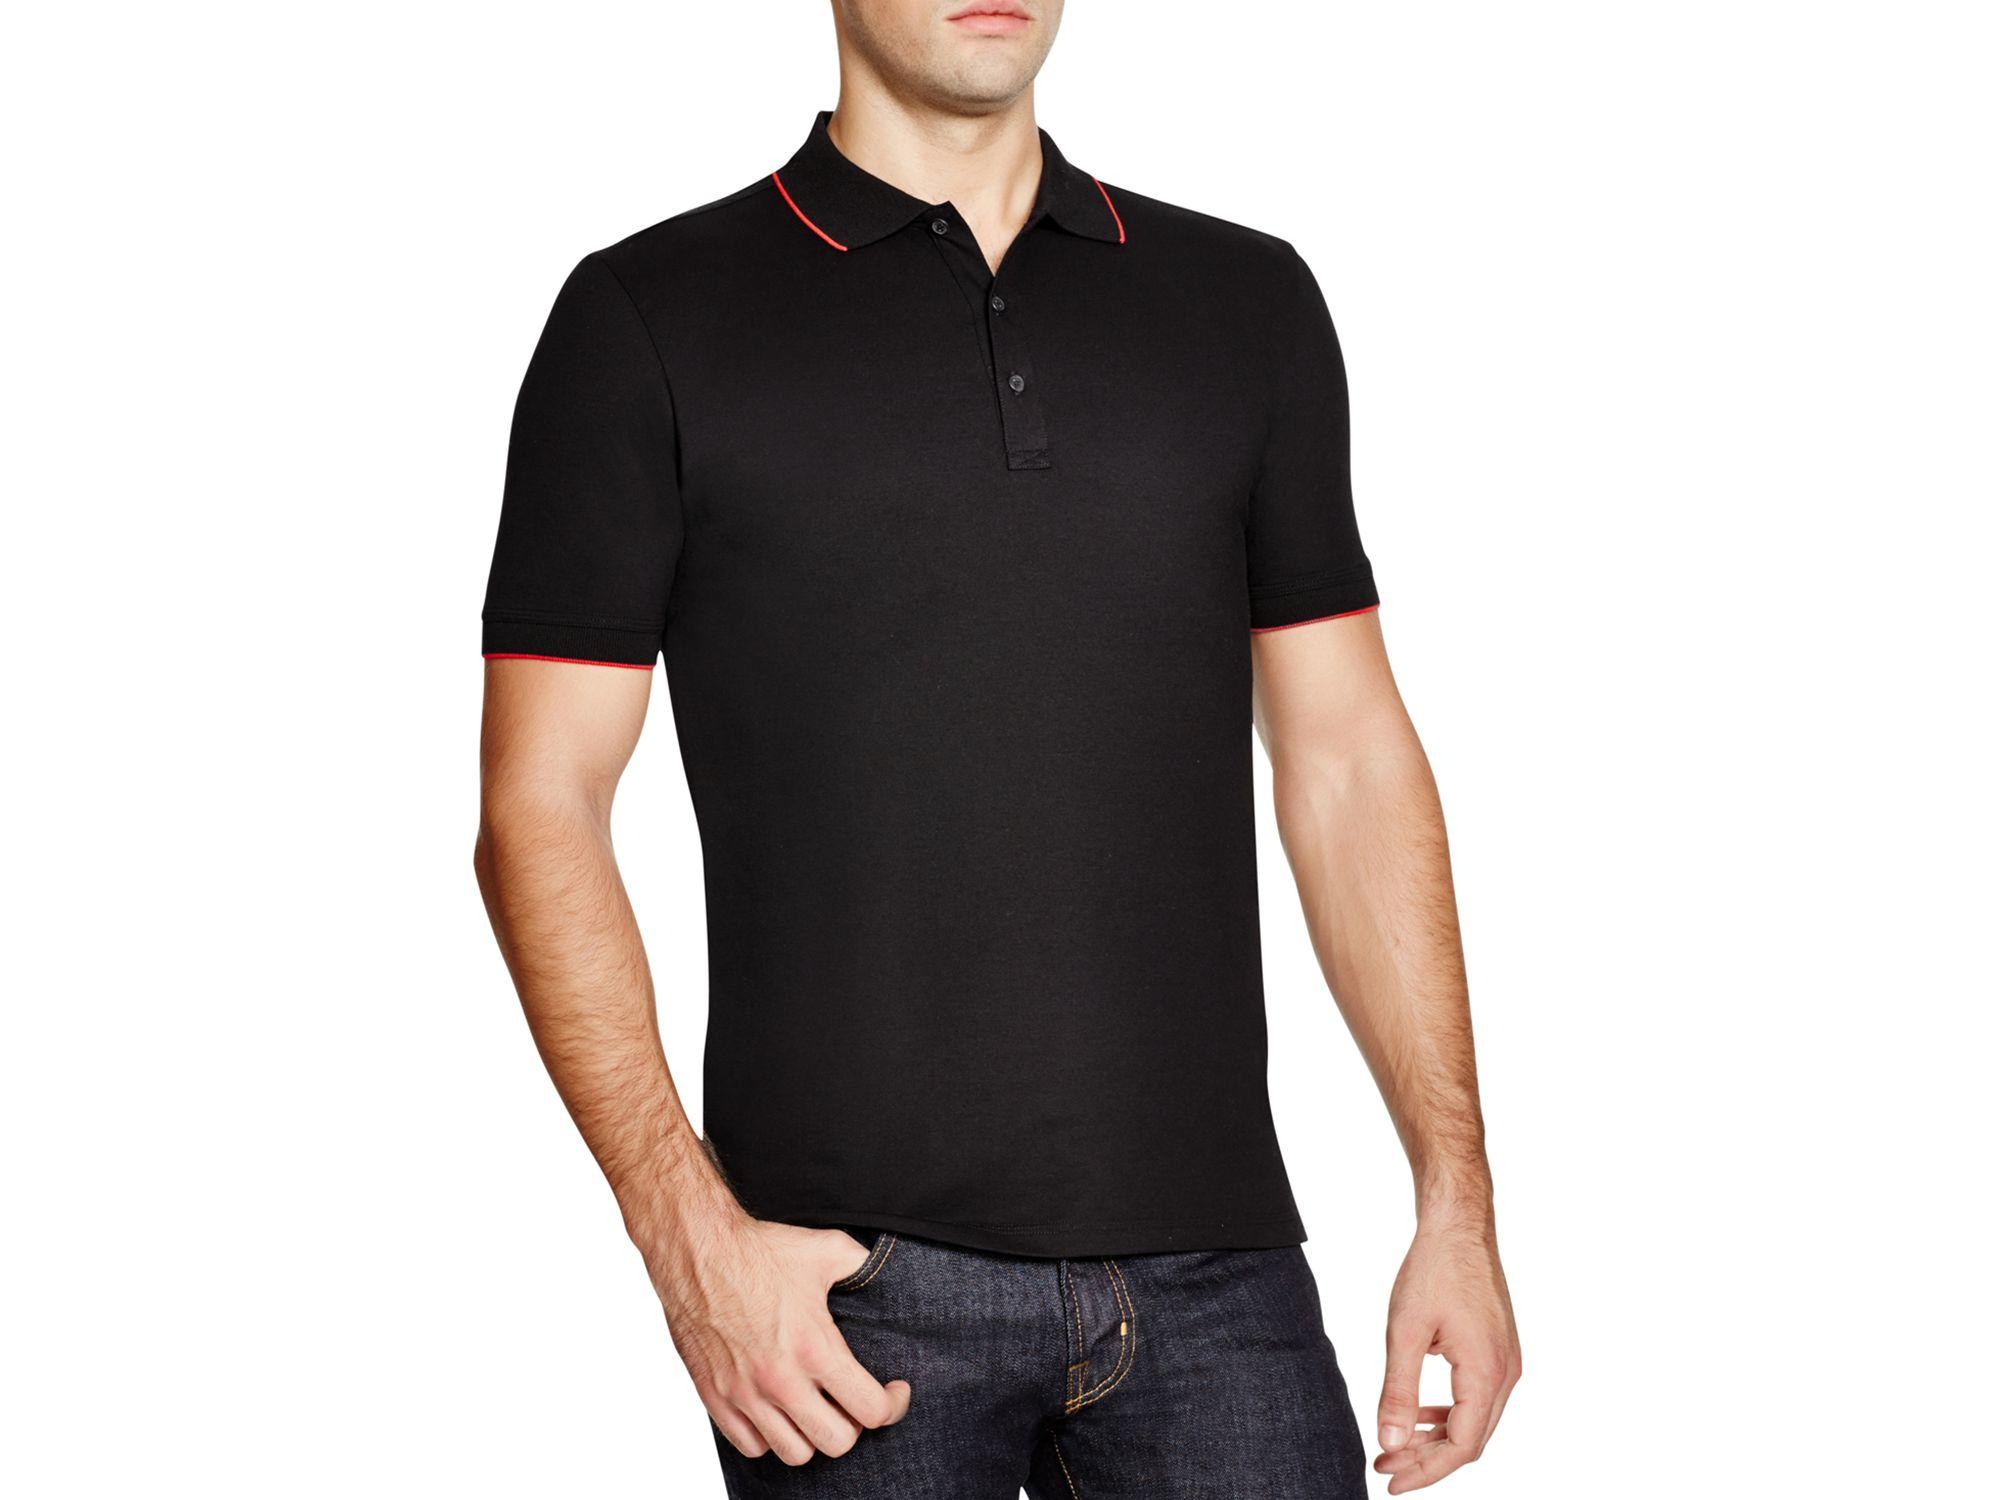 0daf403a15812 Black Hugo Boss Polo Shirt | Azərbaycan Dillər Universiteti